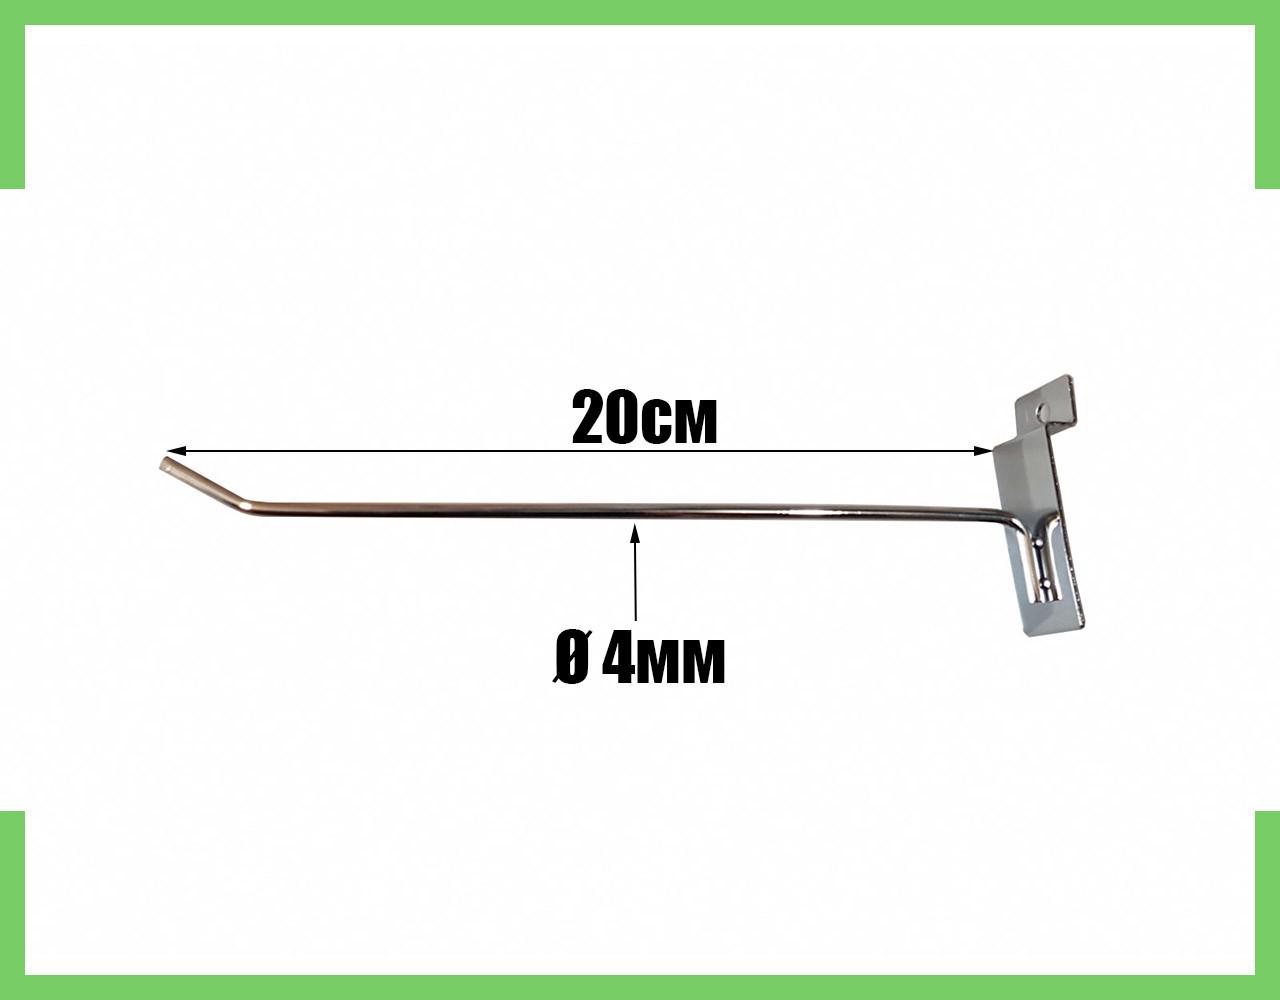 Крючки в Экономпанель 20 см (толщина 4 мм) двойная сварка